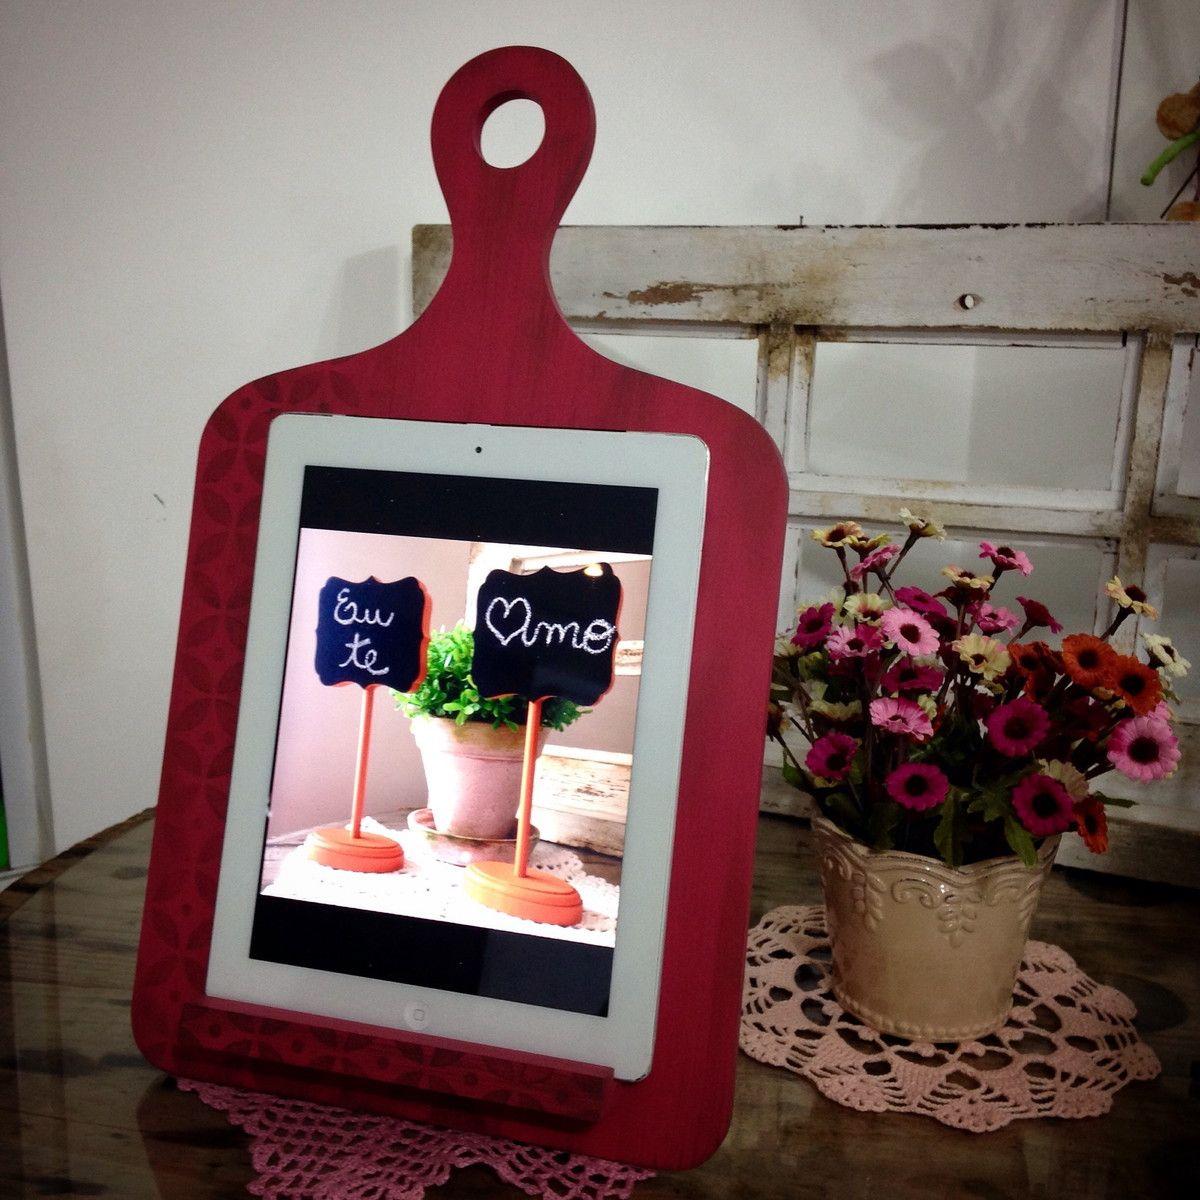 Suporte para Tablet e Ipad <br>Fabricado em MDF e pintado artesanalmente. <br>A peça é ideal para comportar seu Tablet, deixando seu aparelho sempre protegido, pois conta com acabamento reforçado. <br>Peça a pronta entrega disponível na cor Framboesa e decorado com stencil. <br> <br>Obs.: Imagens ilustrativas, Tablet não incluso